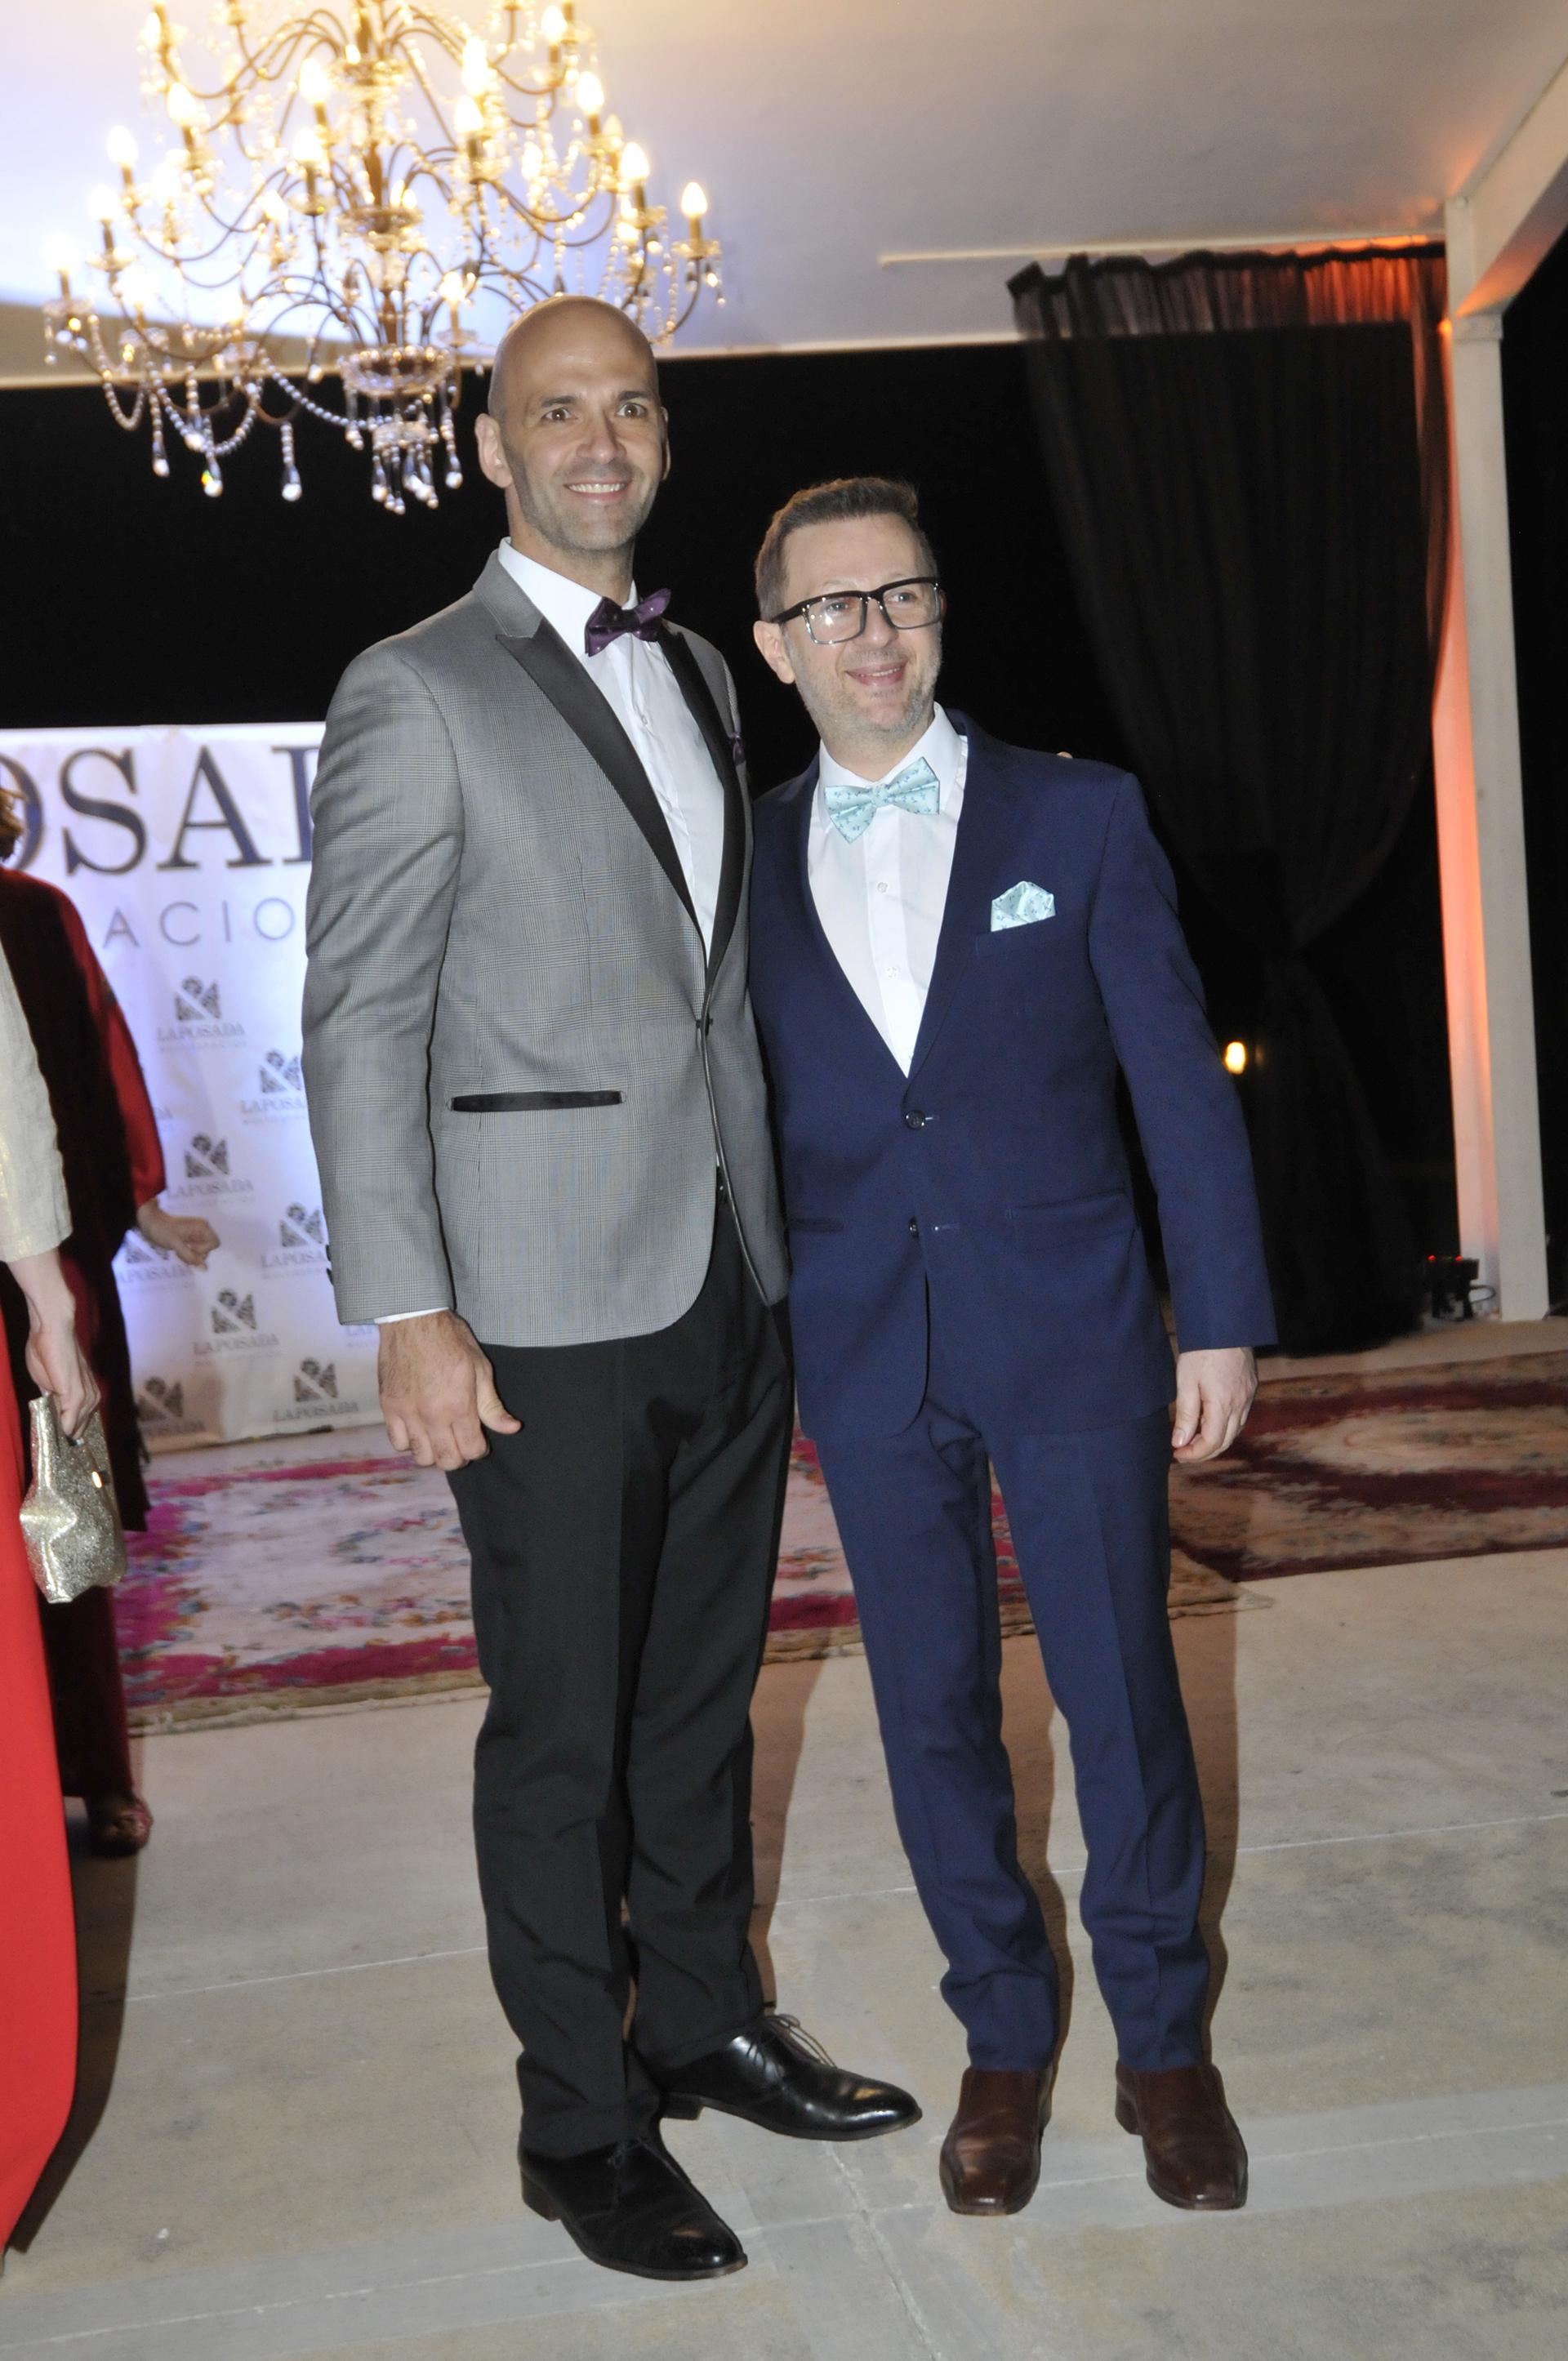 Nicolás Scarpino y su pareja, Sergio Paglini (Crédito de Fotos: Darío Batallán/Teleshow)